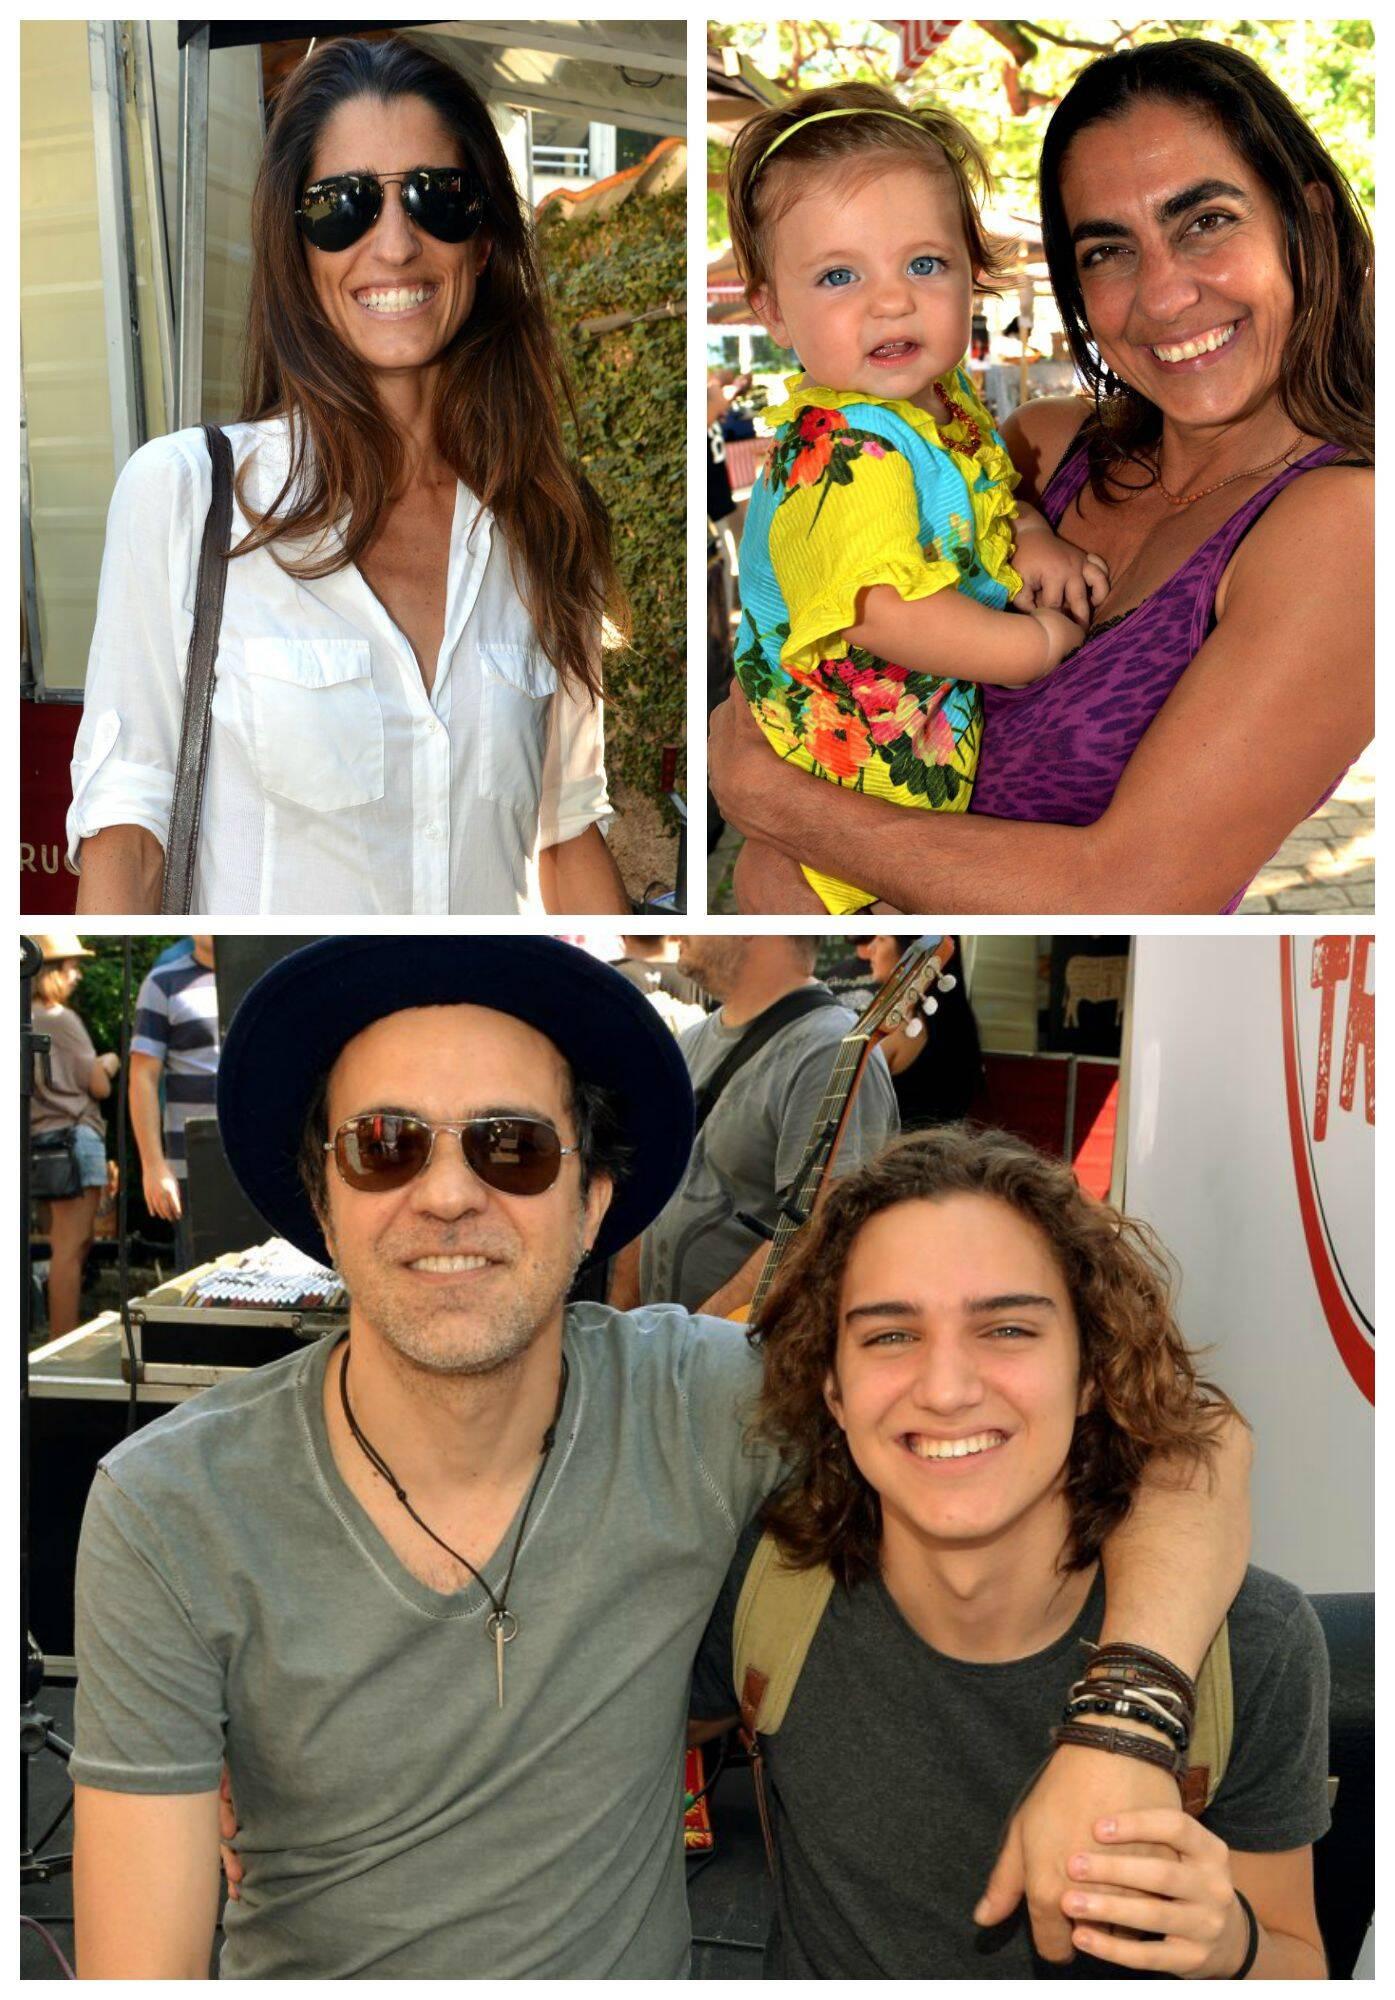 No sentido horário: Cynthia Howlett; Carol Machado; Moska e seu filho Tom Karaba / Fotos: Cristina Granato